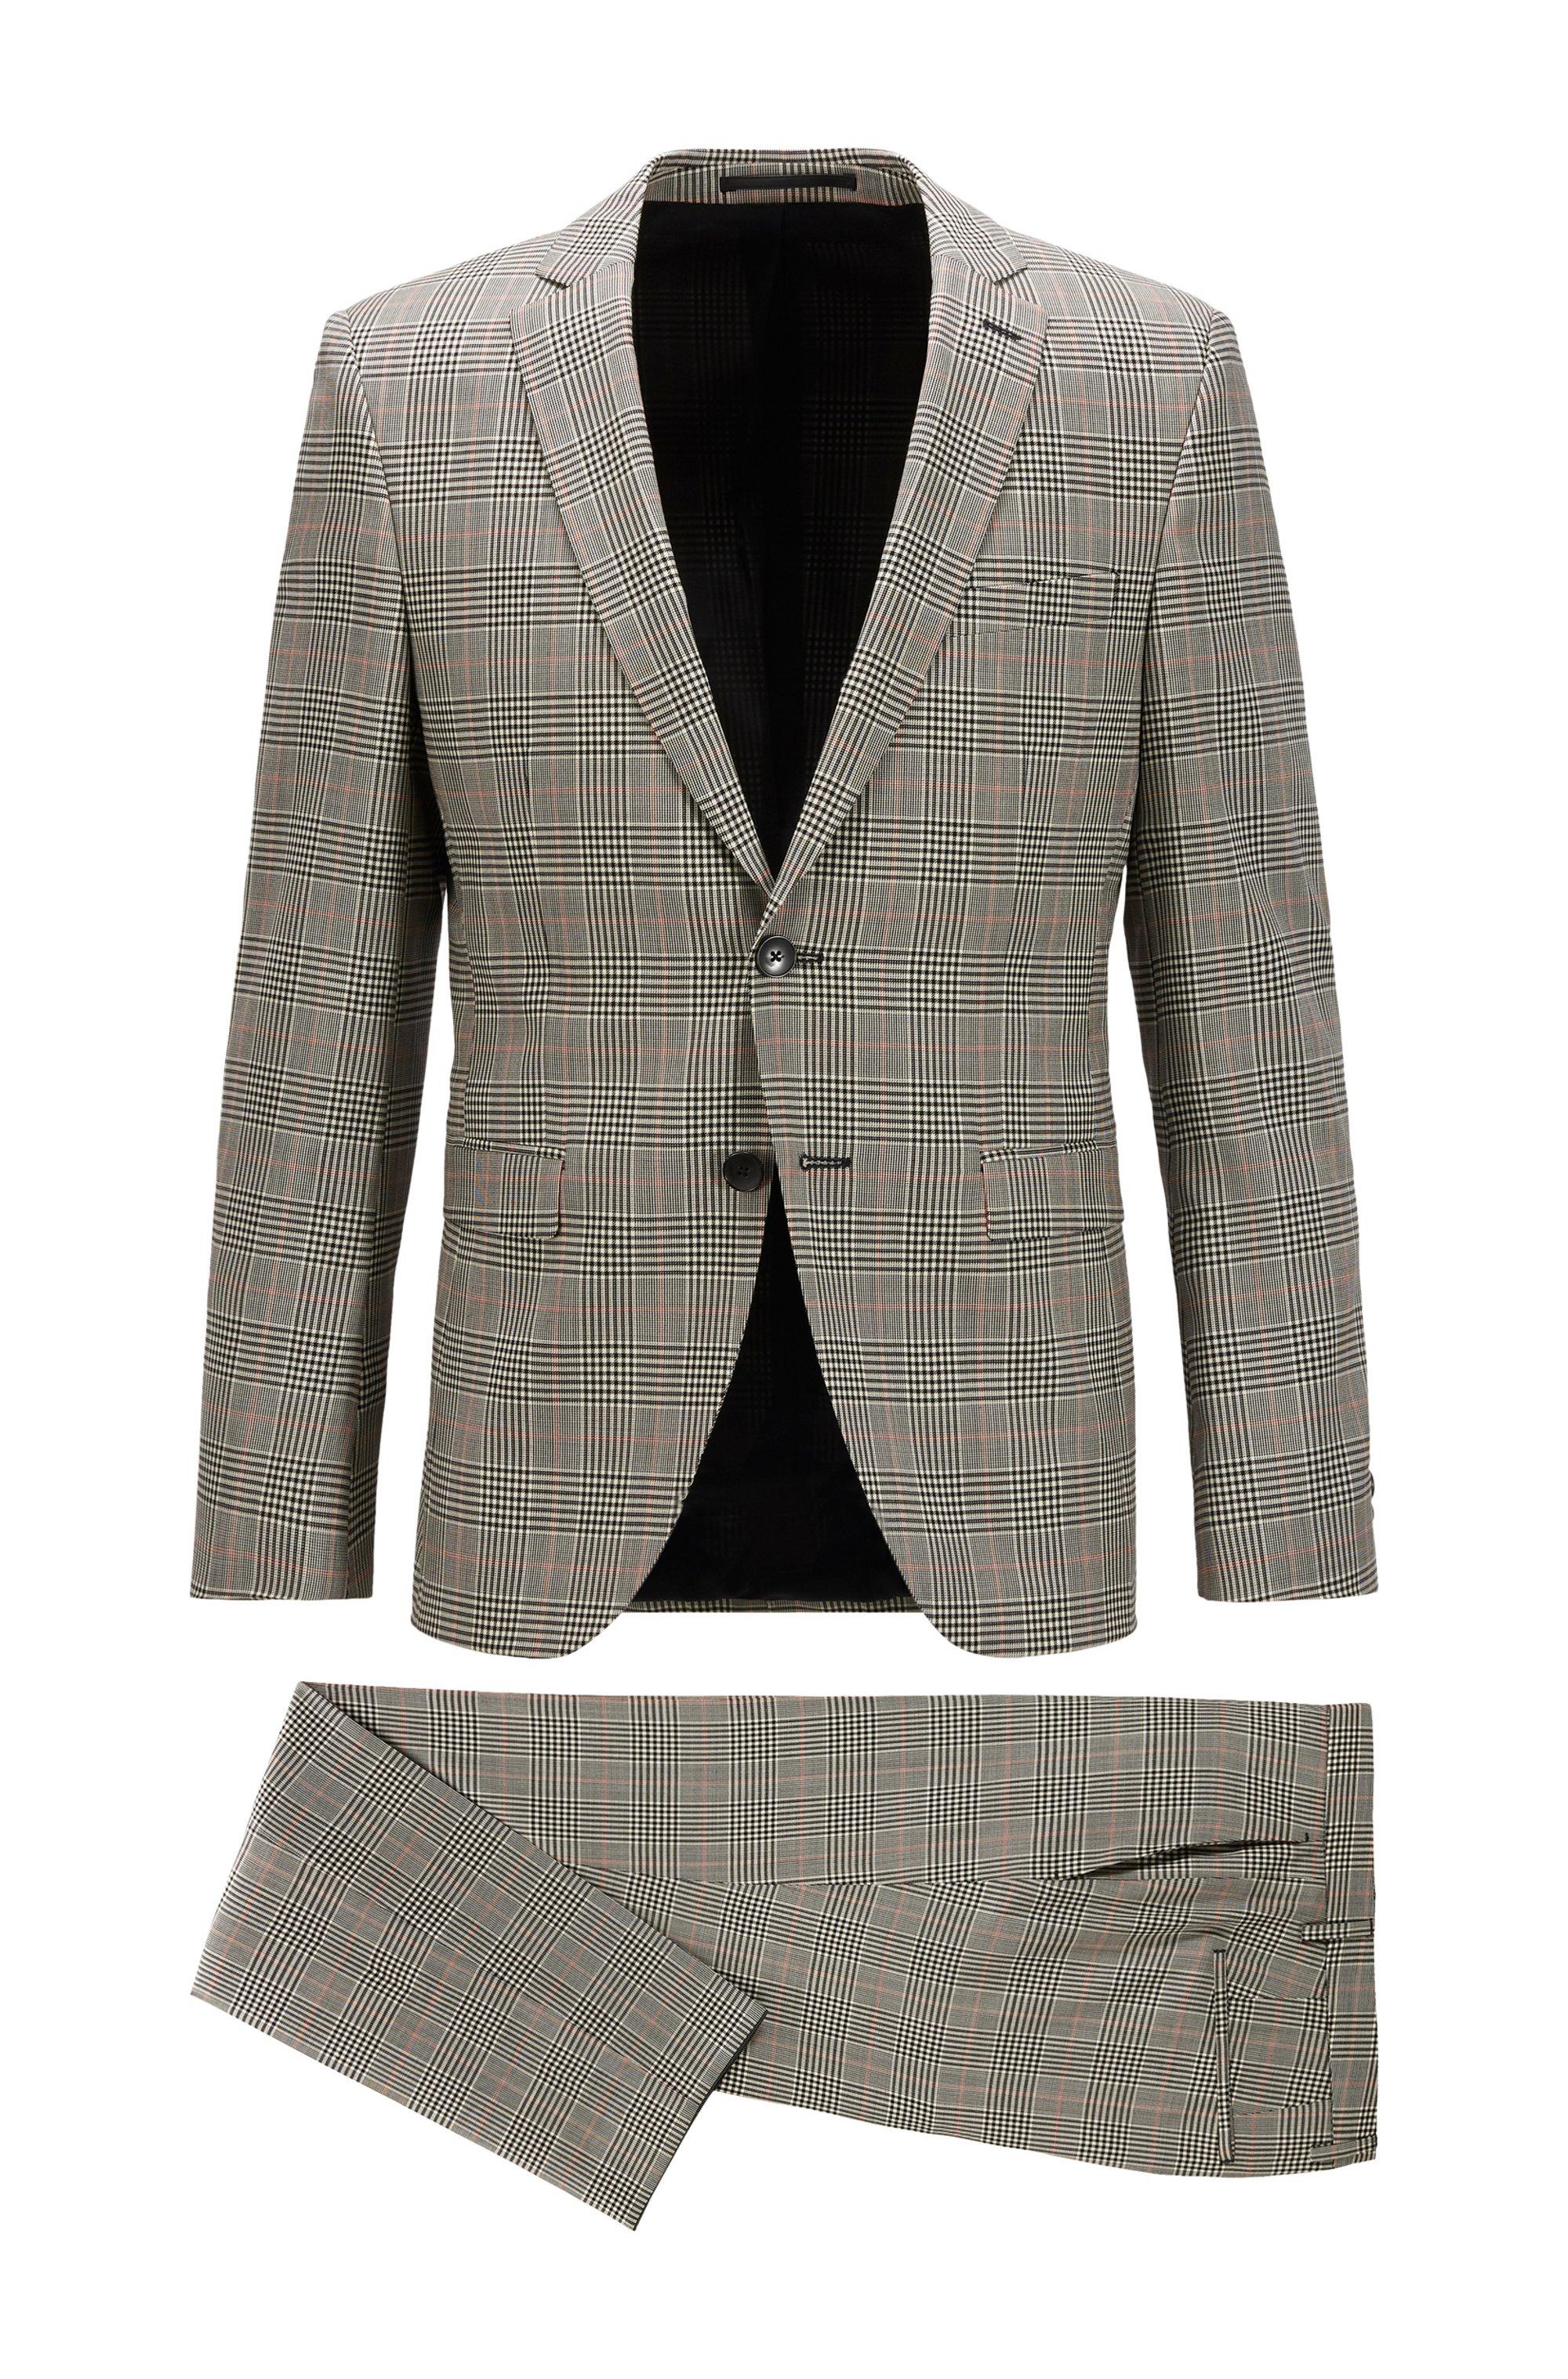 Plain-check extra-slim-fit suit in virgin wool, Black